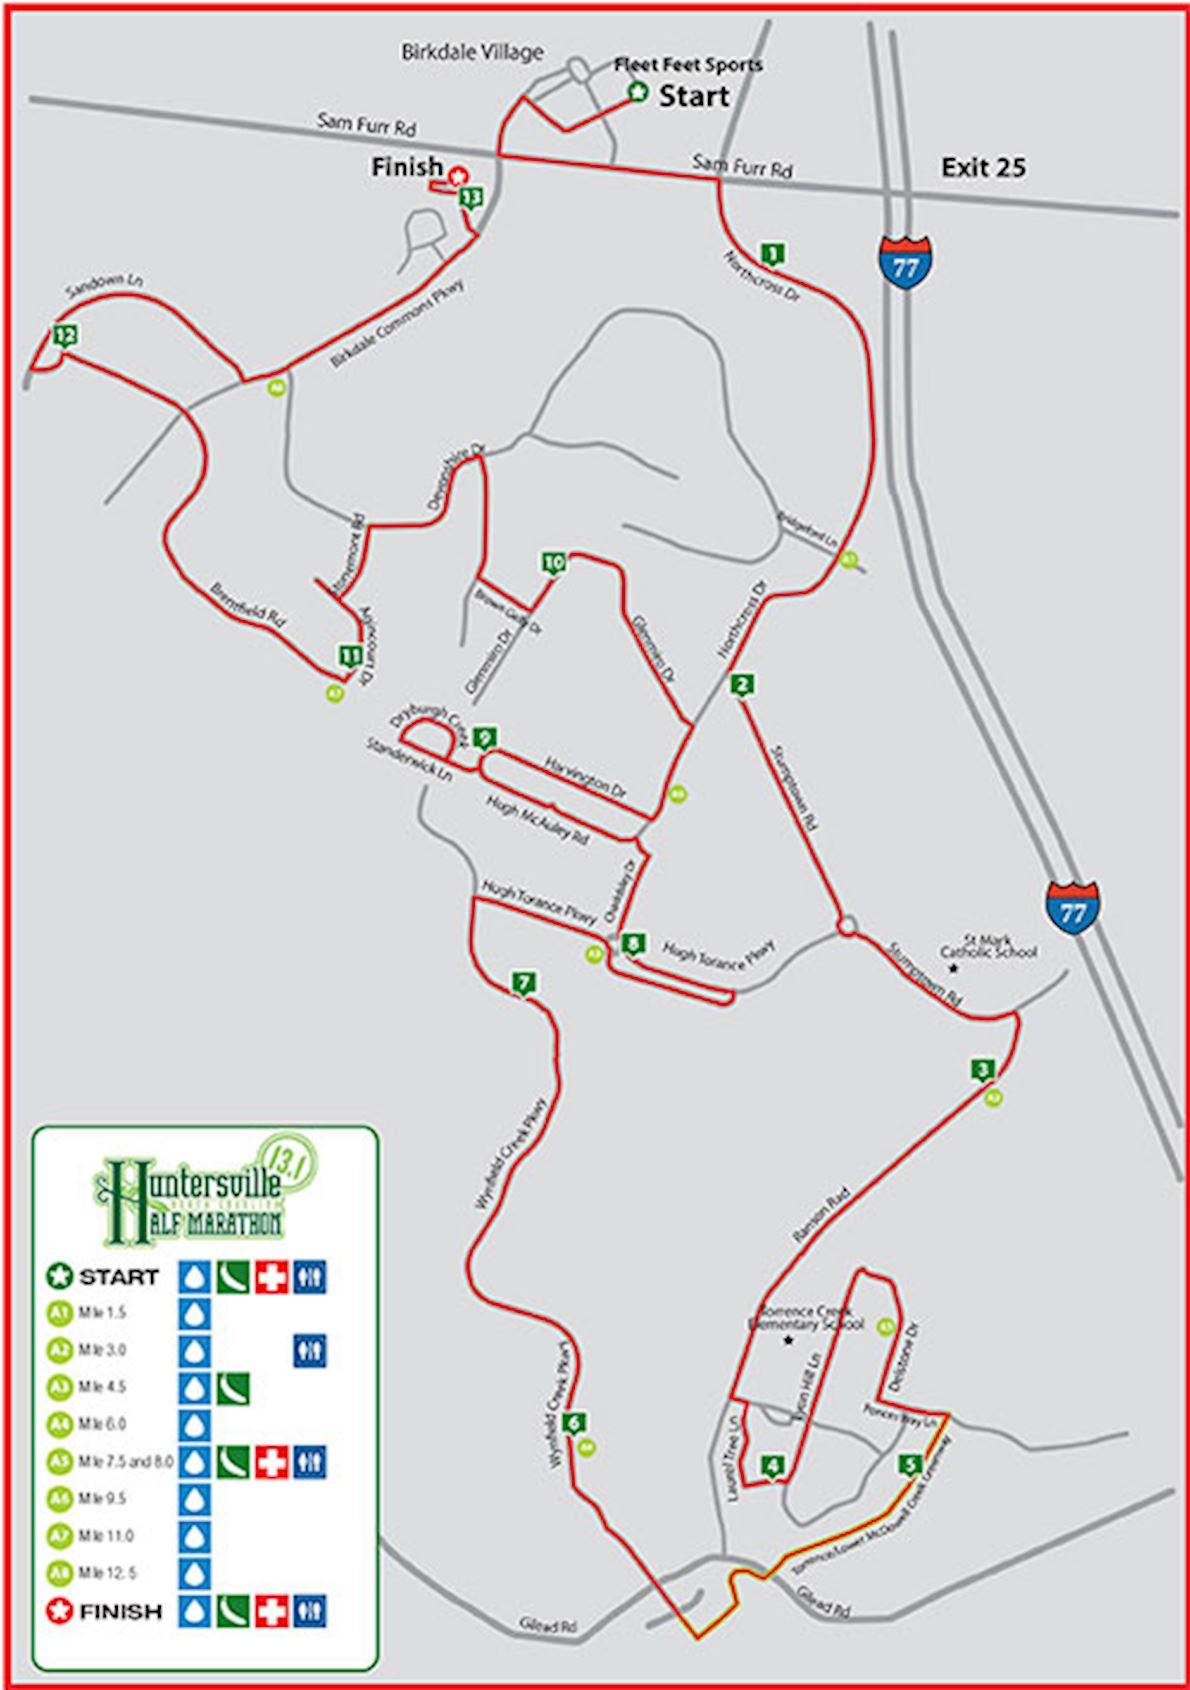 Huntersville Half Marathon Route Map